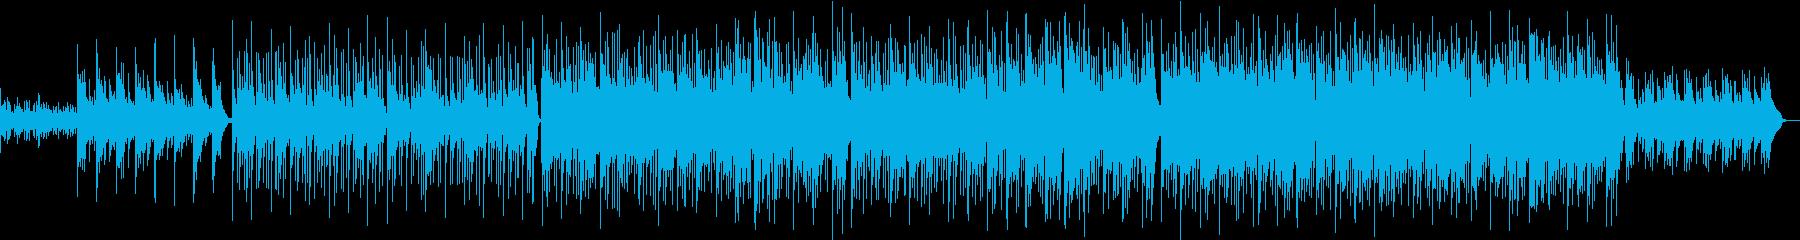 前向きアコースティックギター・企業VPの再生済みの波形